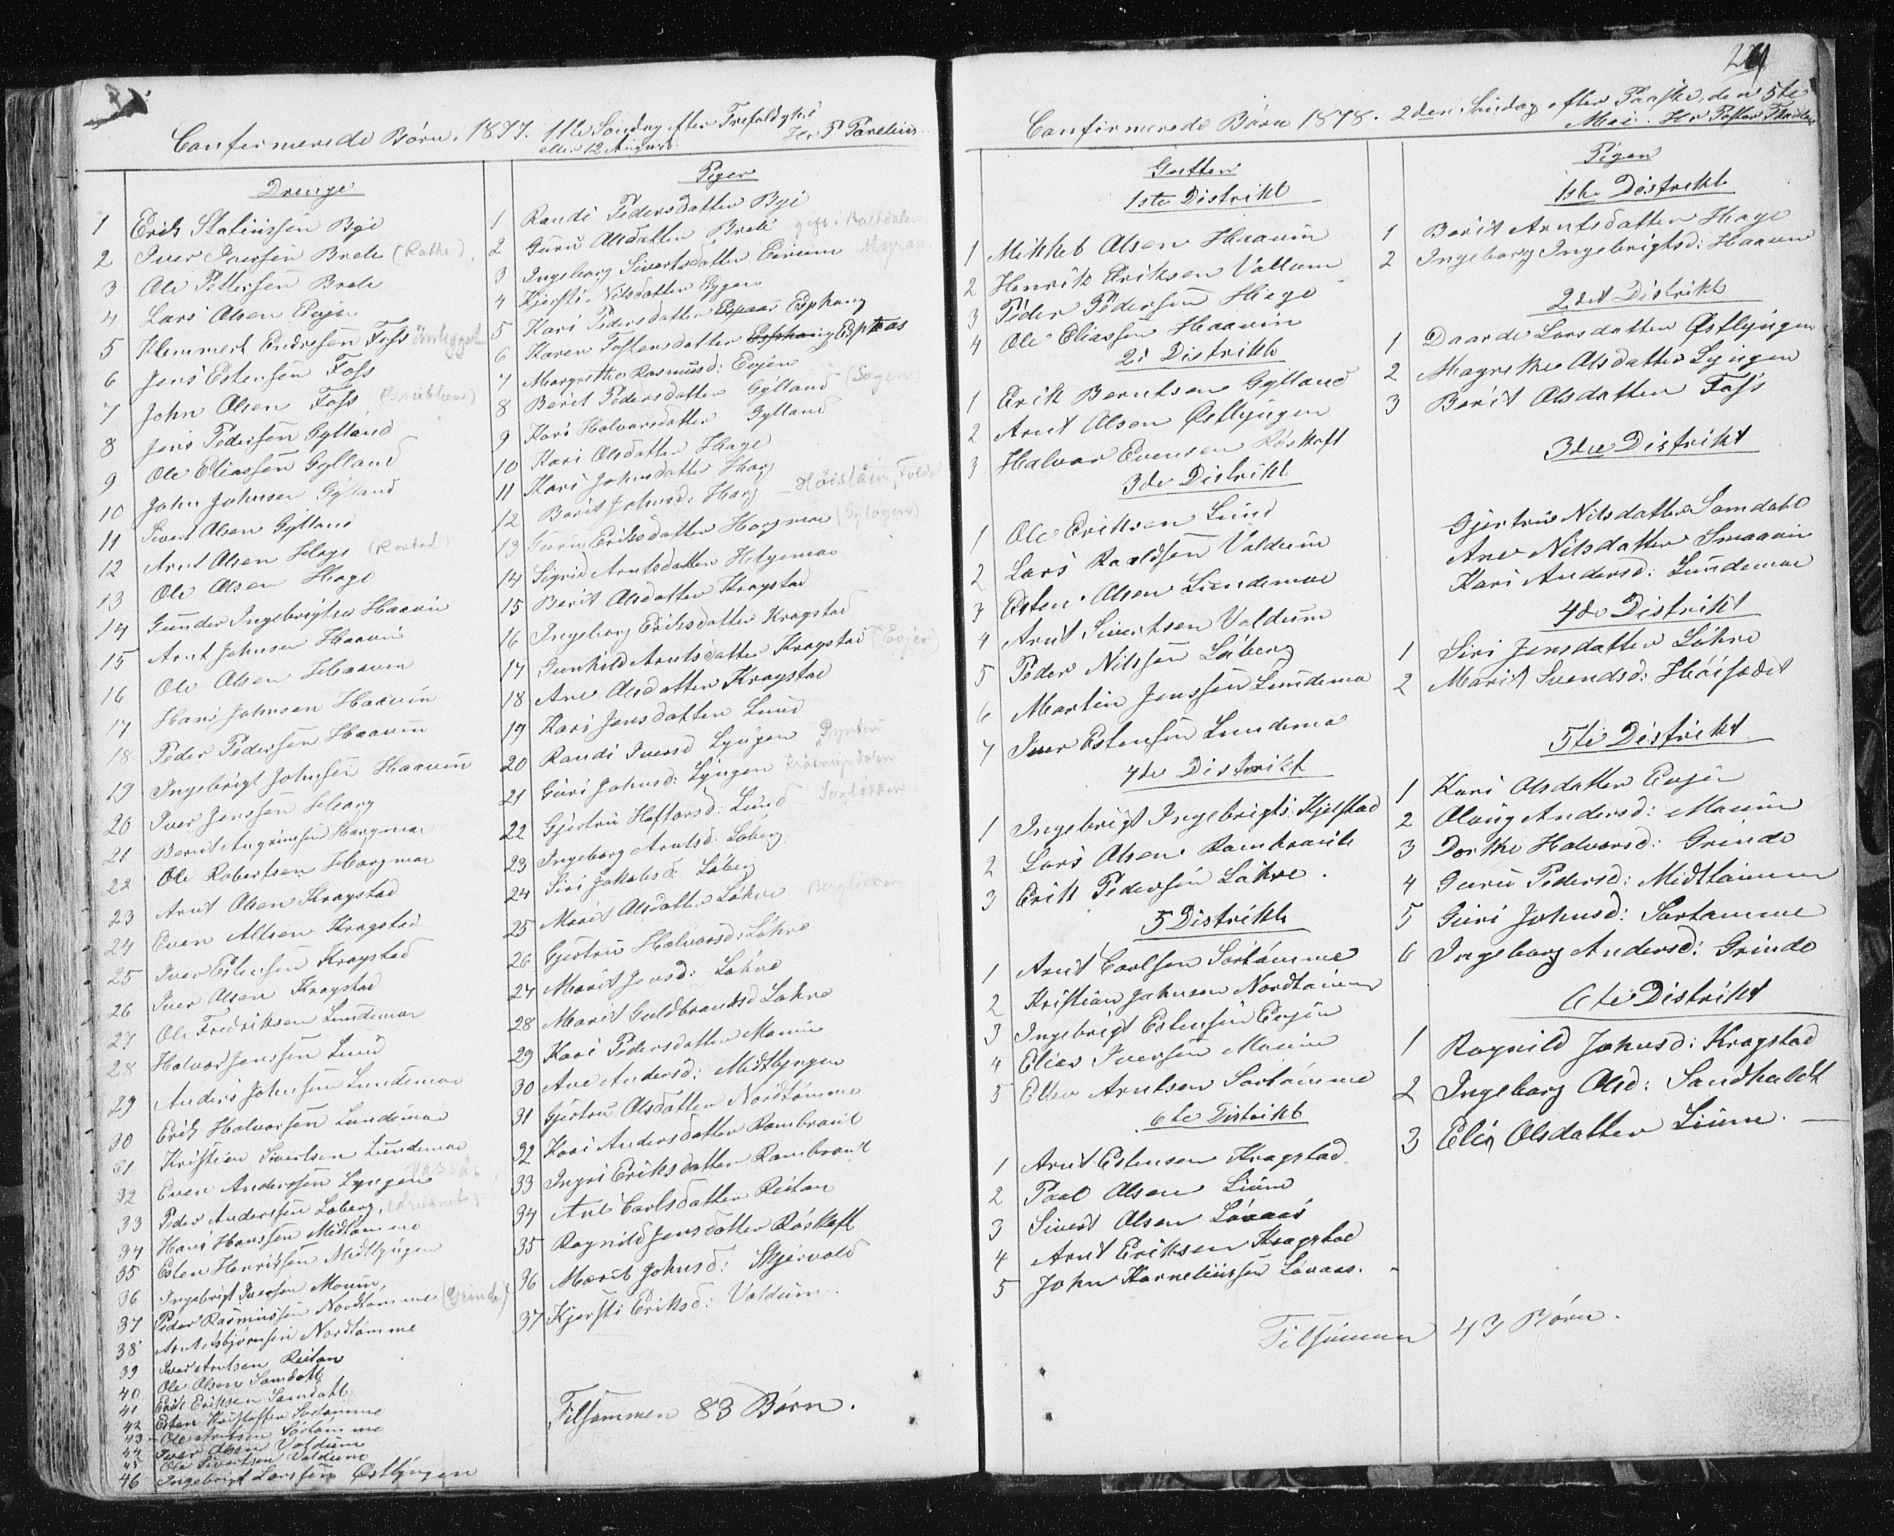 SAT, Ministerialprotokoller, klokkerbøker og fødselsregistre - Sør-Trøndelag, 692/L1110: Klokkerbok nr. 692C05, 1849-1889, s. 269